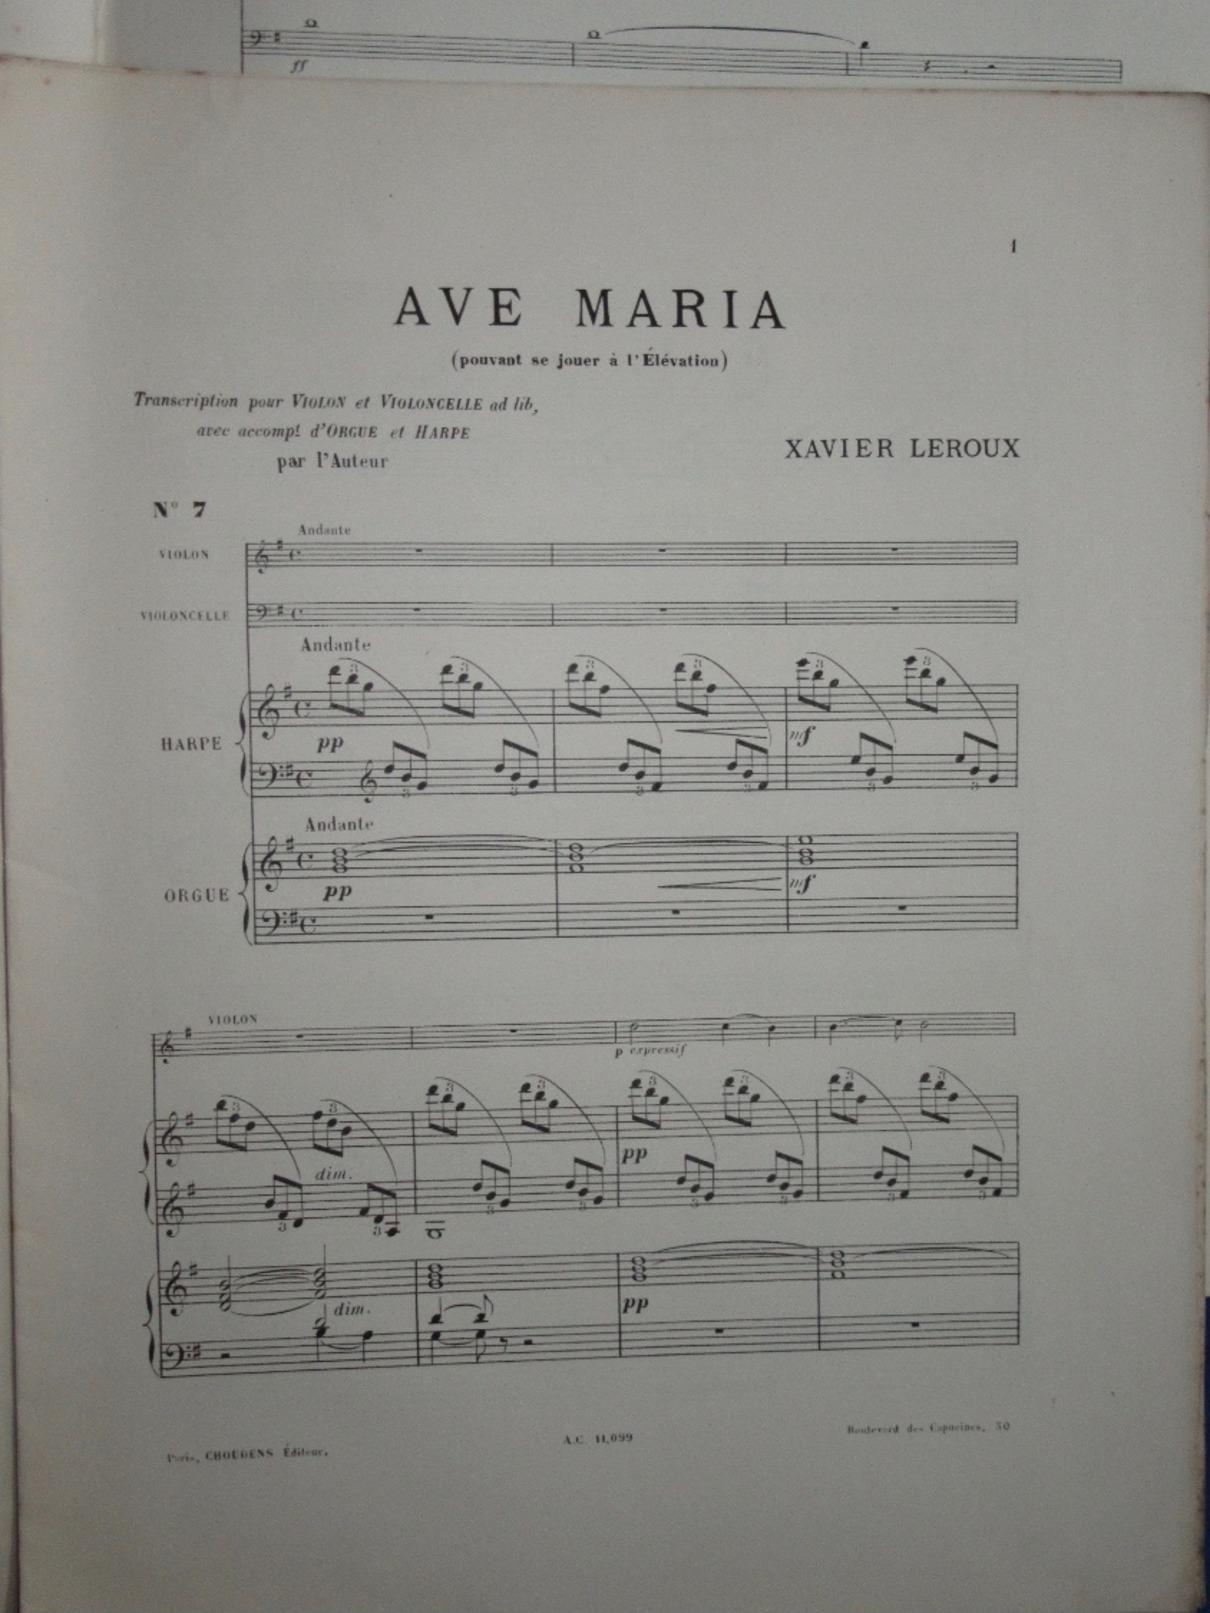 PARTITION GF ORGUE HARPE VIOLON VIOLONCELLE XAVIER LEROUX AVE MARIA 1898 HÉGLON - J-L